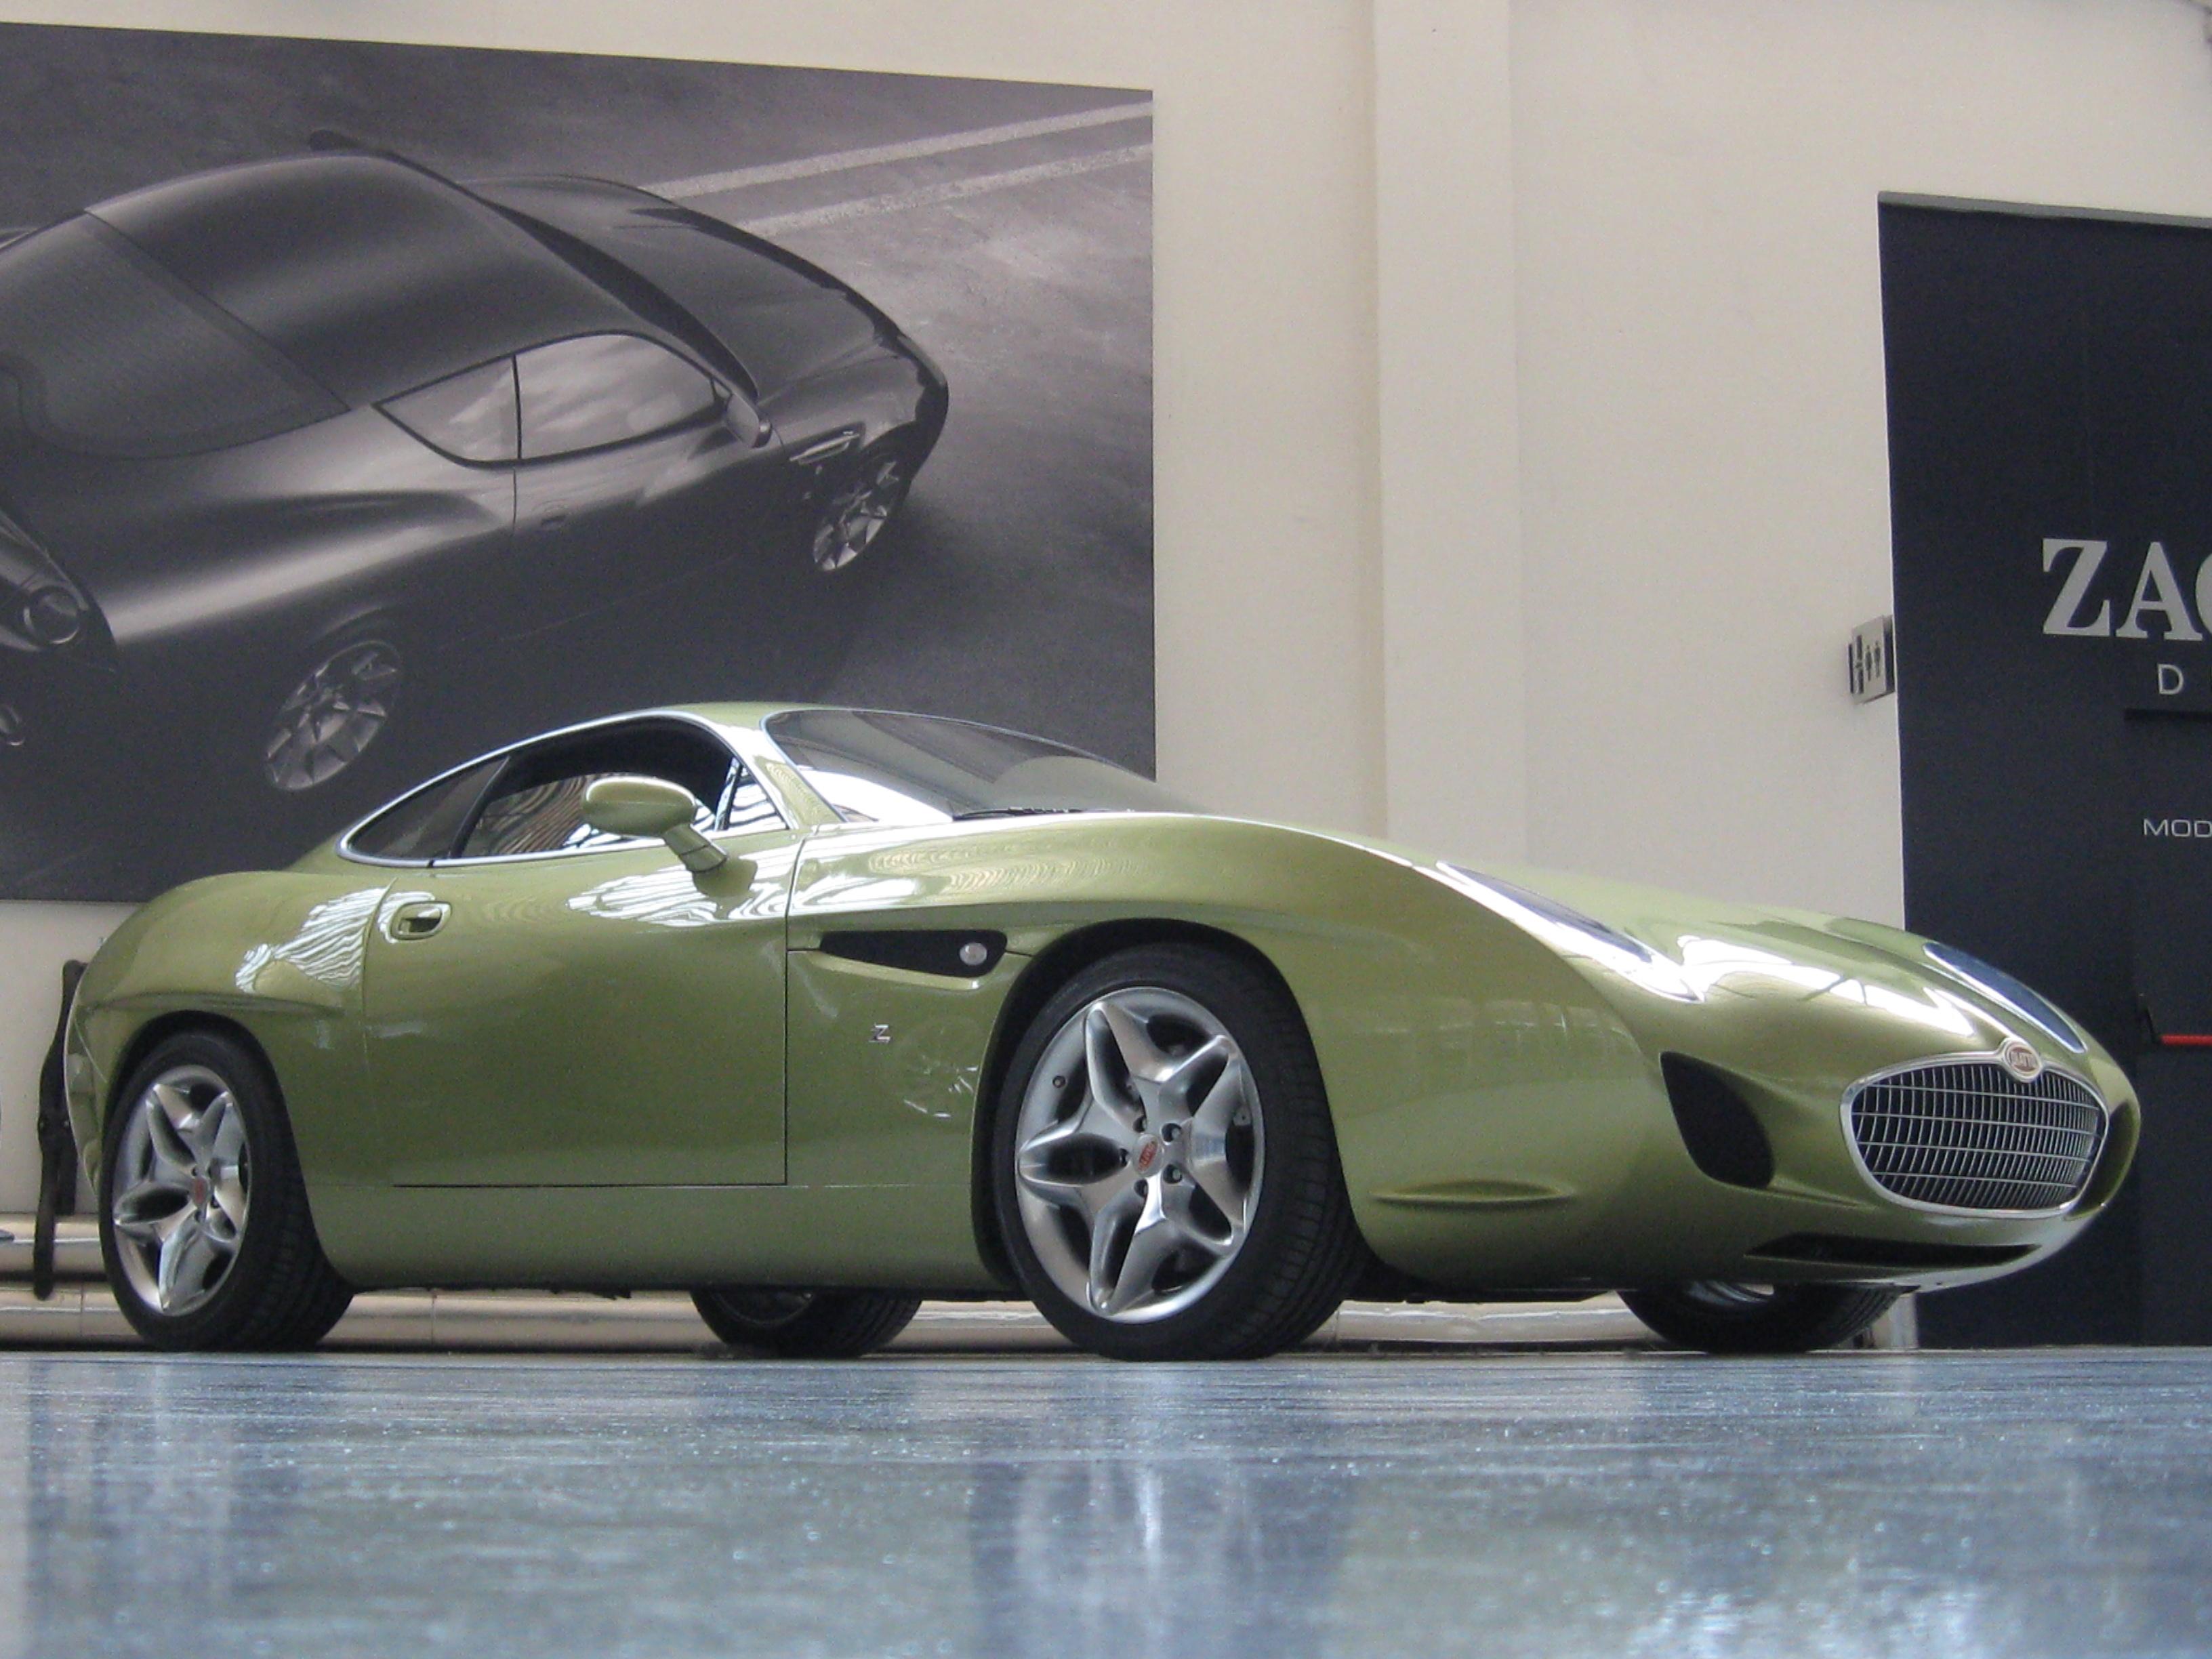 Zagato Car Body Design Car at The Zagato Design